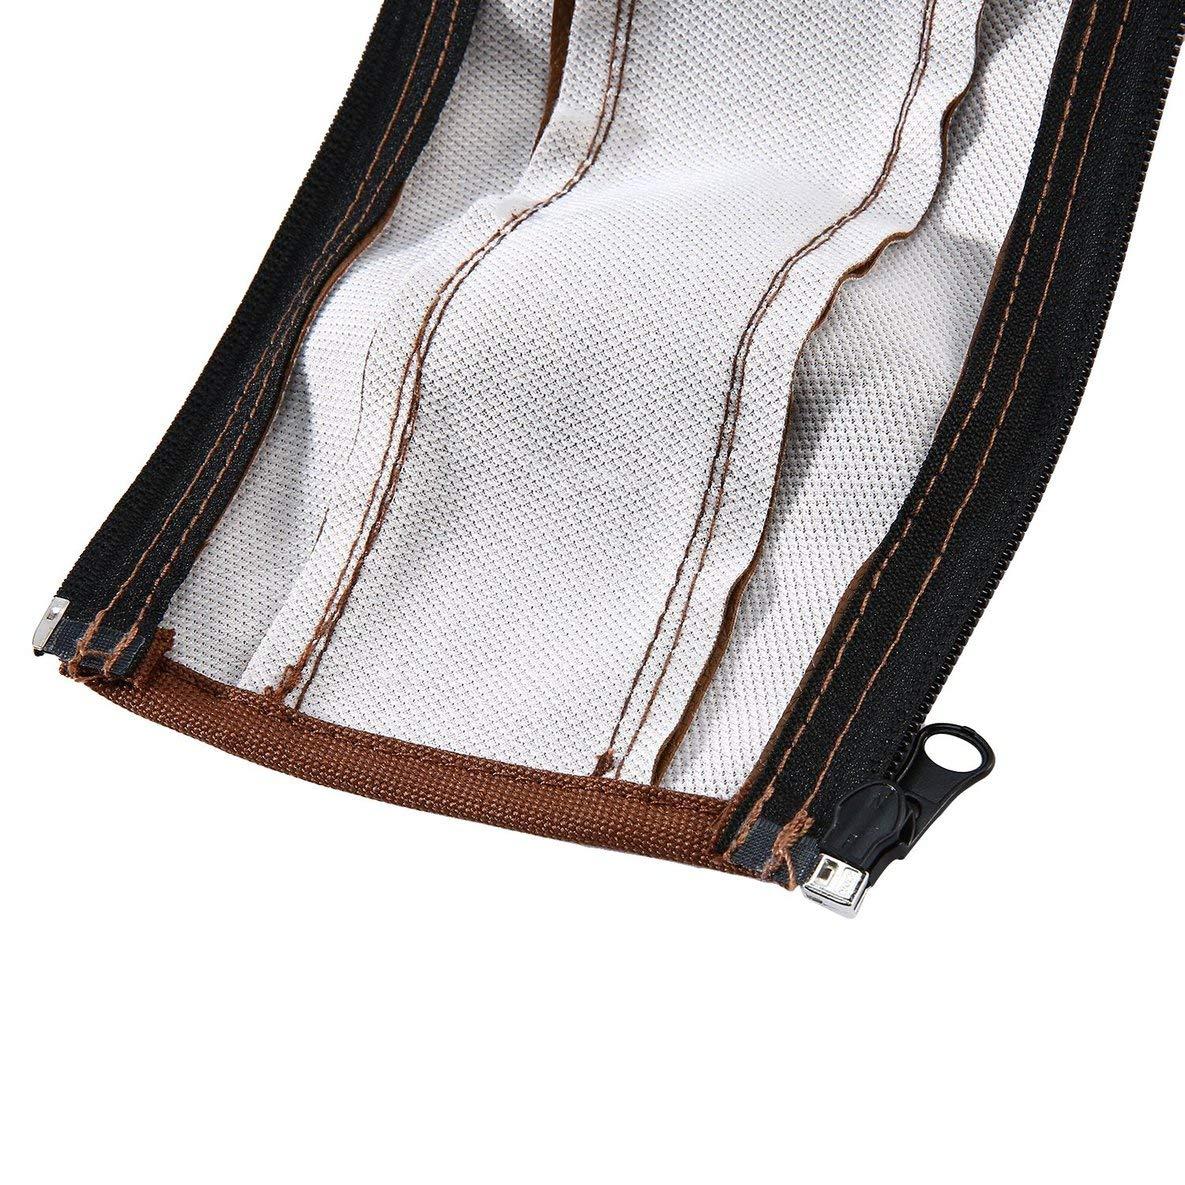 Noradtjcca Accessoires de Poussette pour b/éb/é Accessoires de Poussette Accoudoir en Cuir PU Housse de Protection pour Couvre-Bras Poign/ée Fauteuils roulants